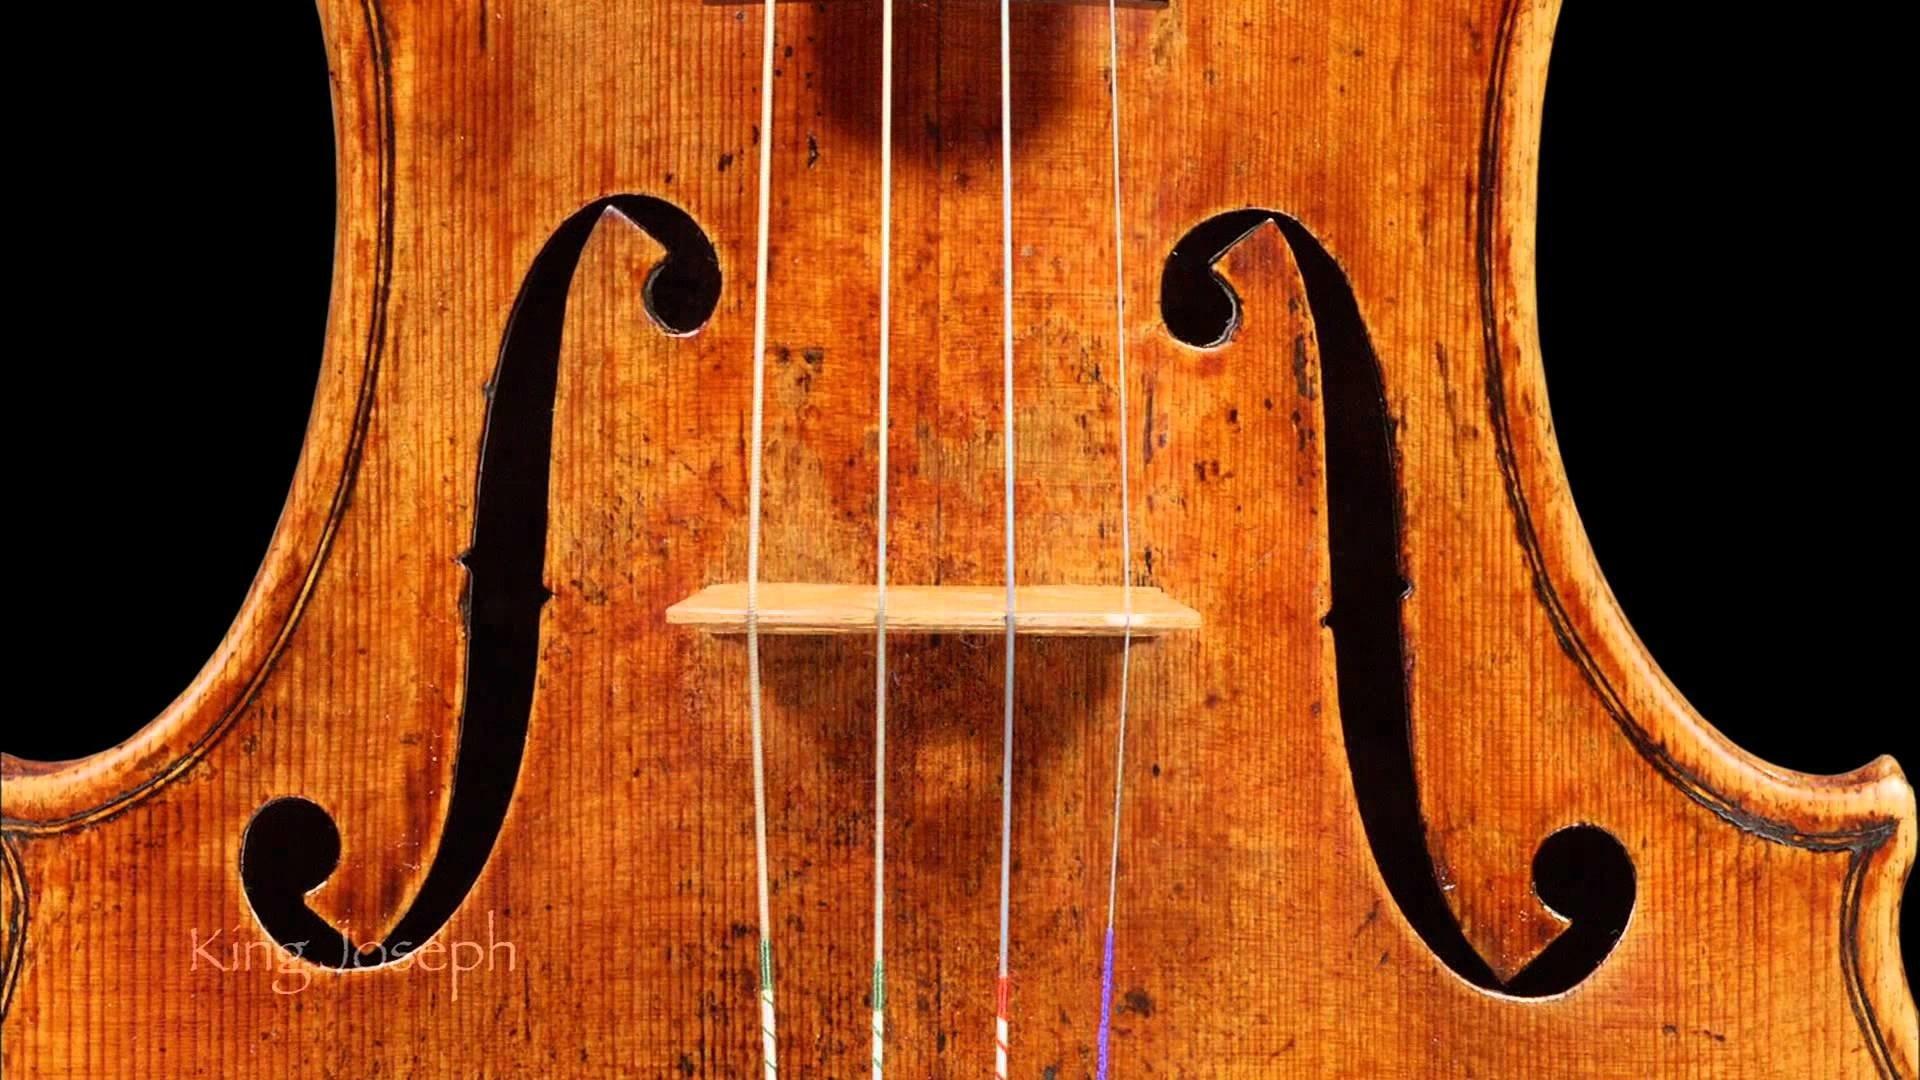 ff violon v télécharger